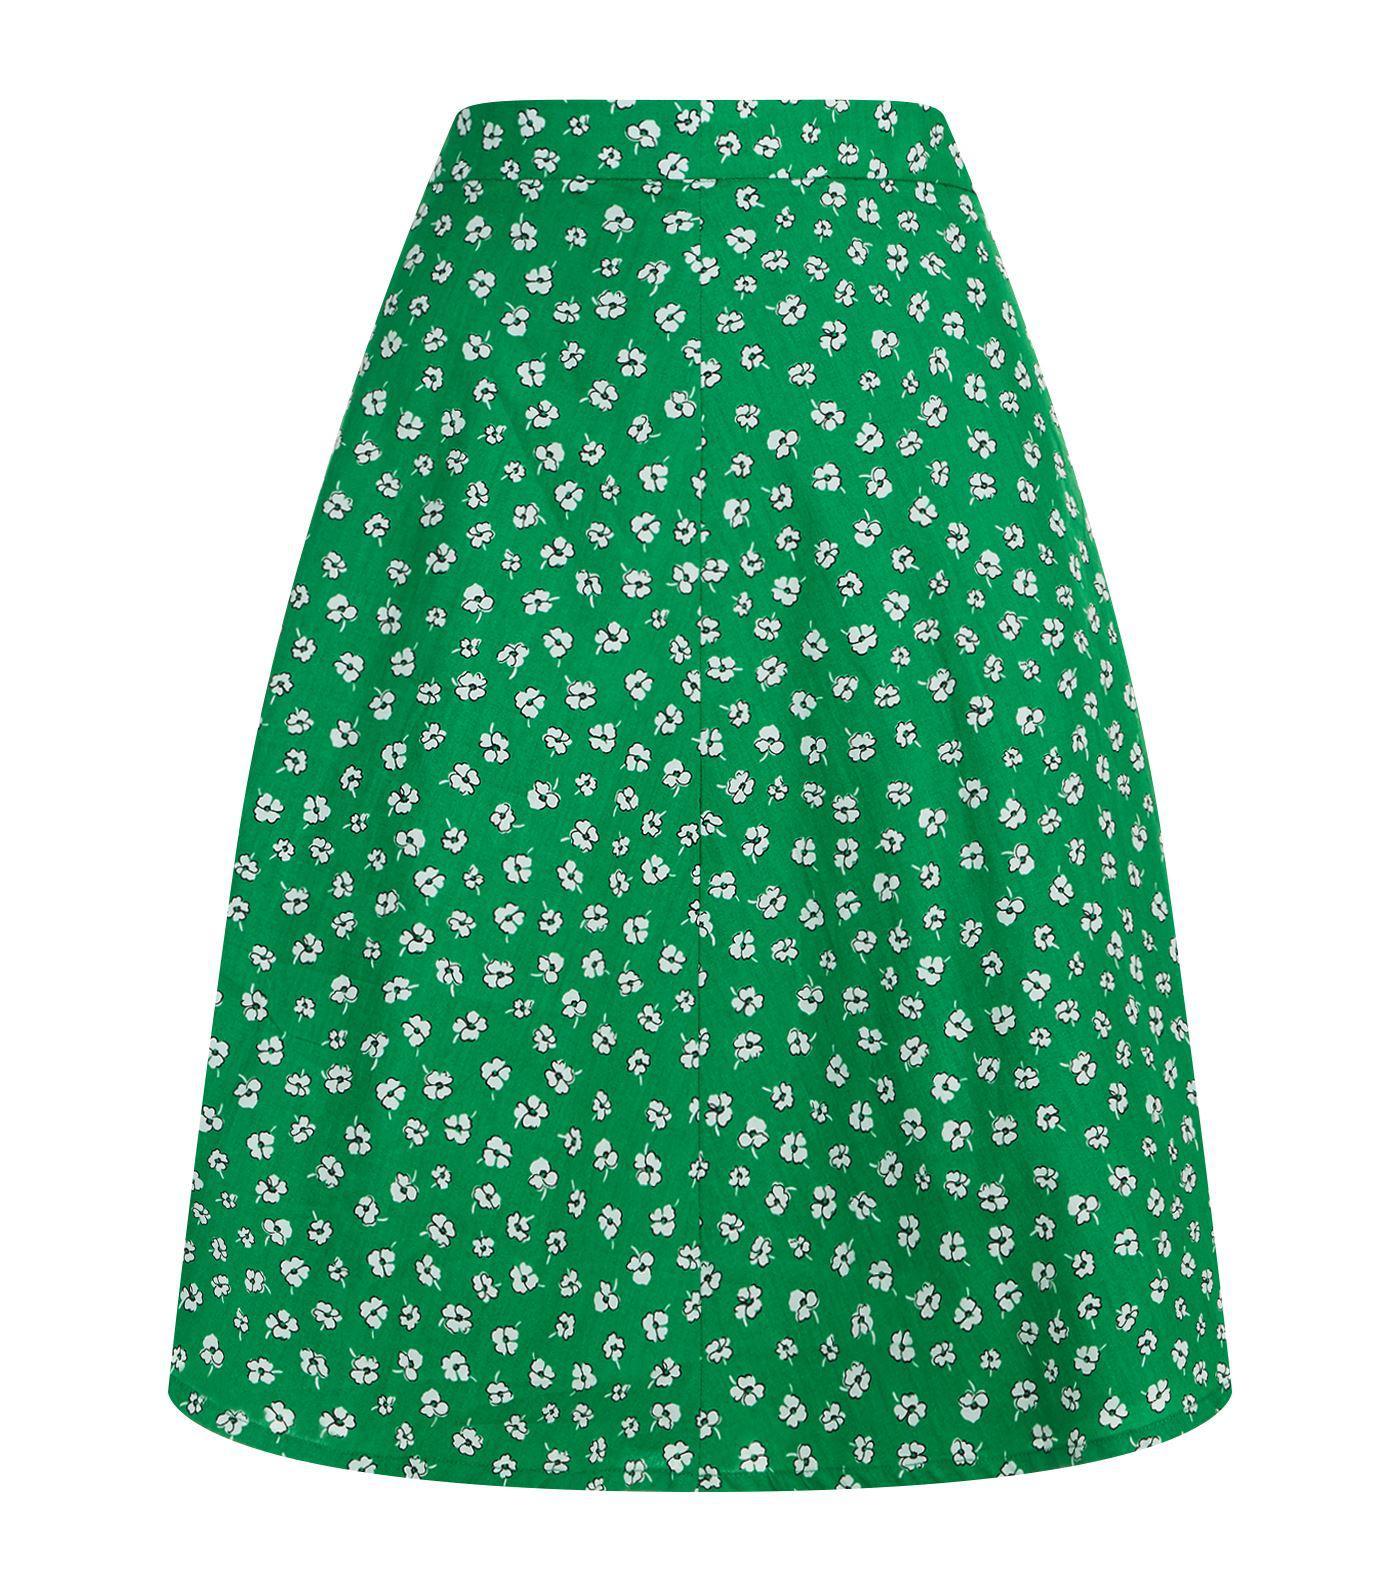 Claudie Pierlot Woman Cotton-blend Bouclé Mini Skirt Midnight Blue Size 38 Claudie Pierlot Find Great For Sale 8xpMGWmgW